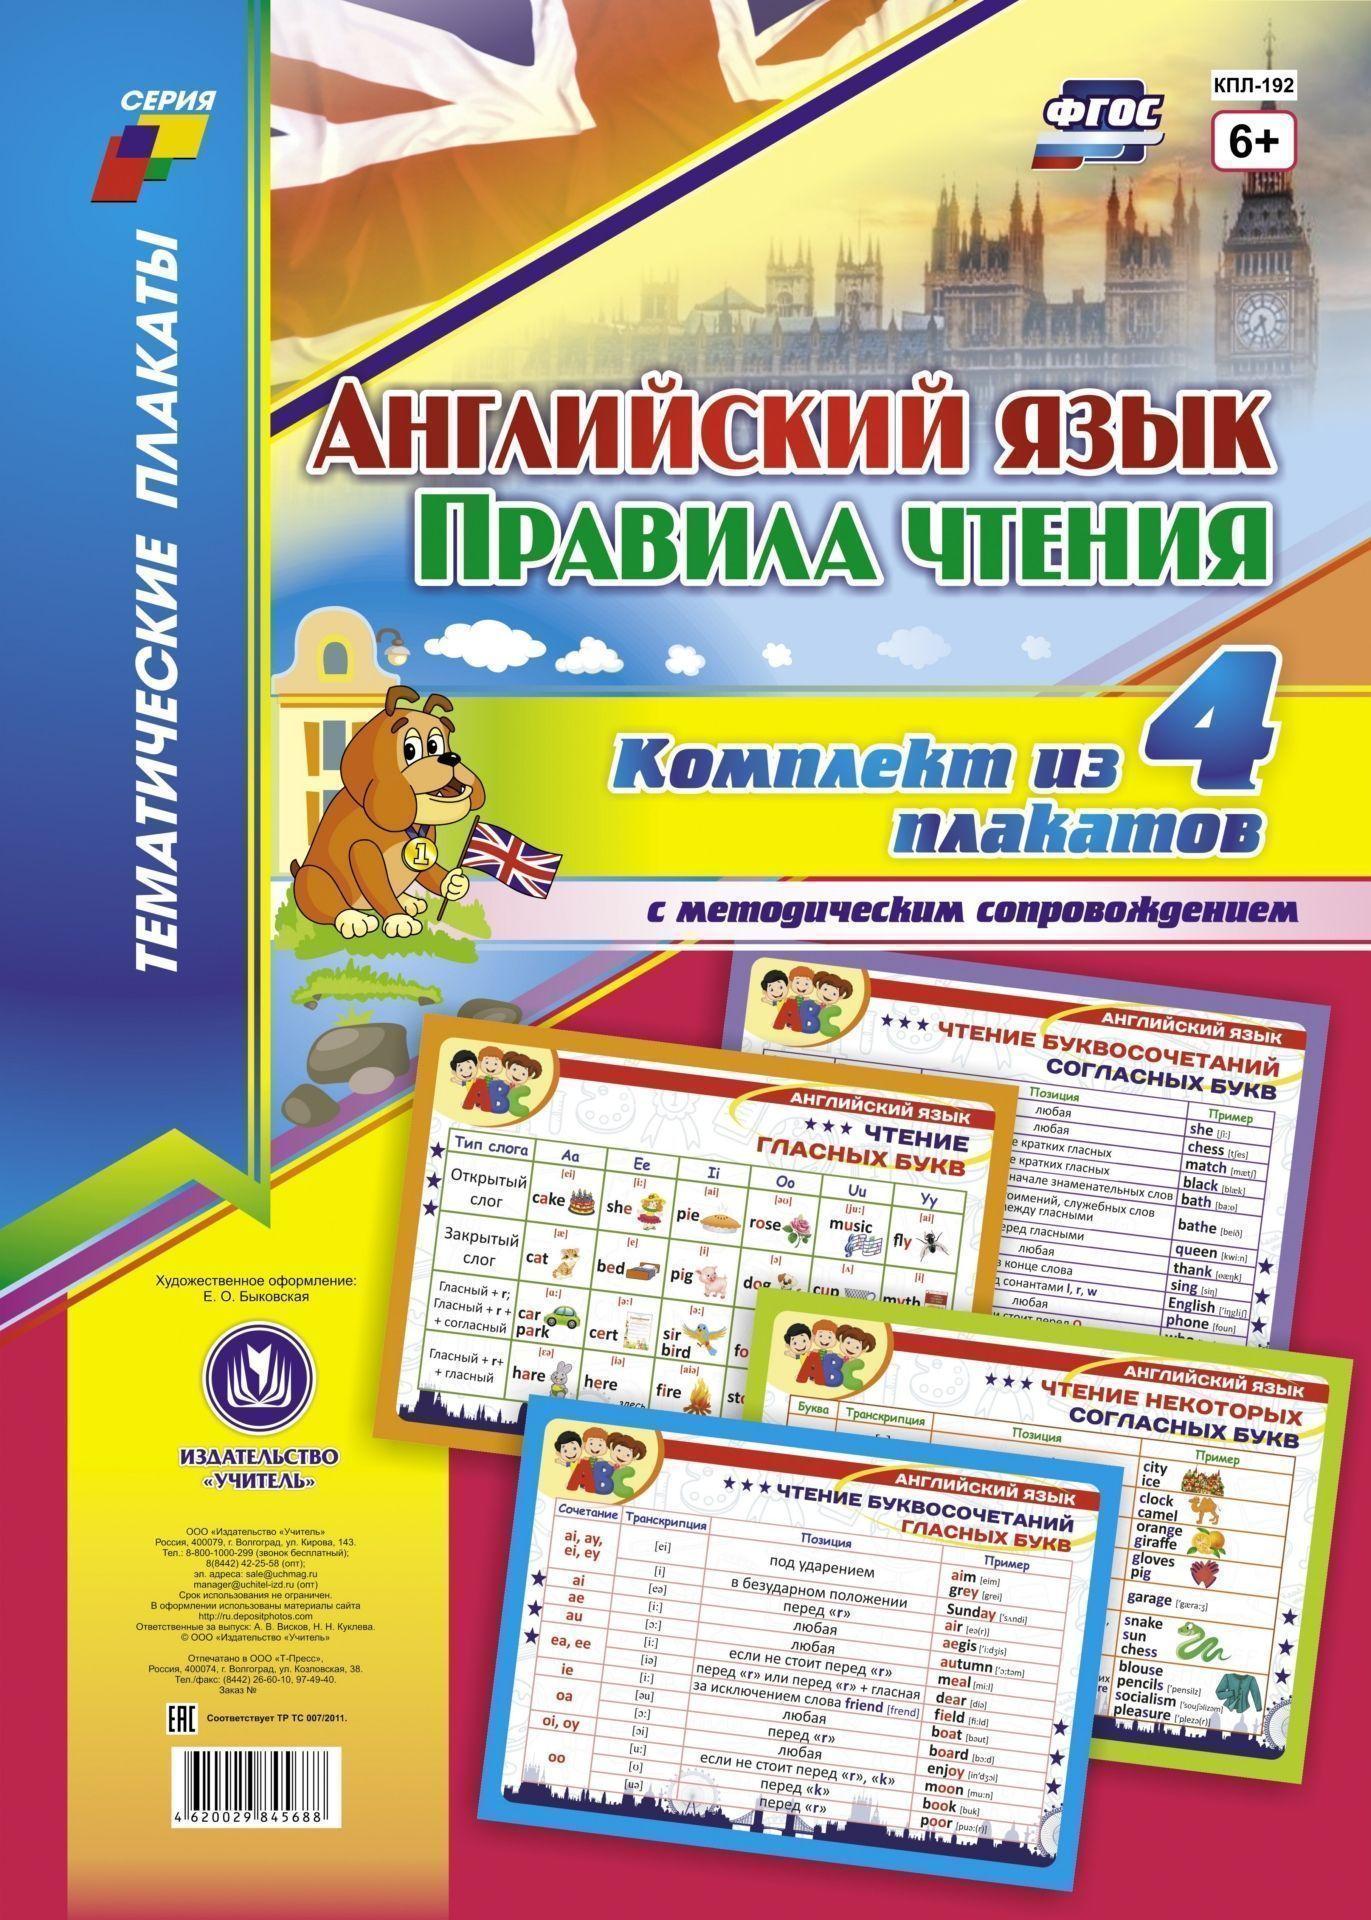 """Купить со скидкой Комплект плакатов """"Английский язык. Правила чтения"""": 4 плаката с методическим сопровождением"""